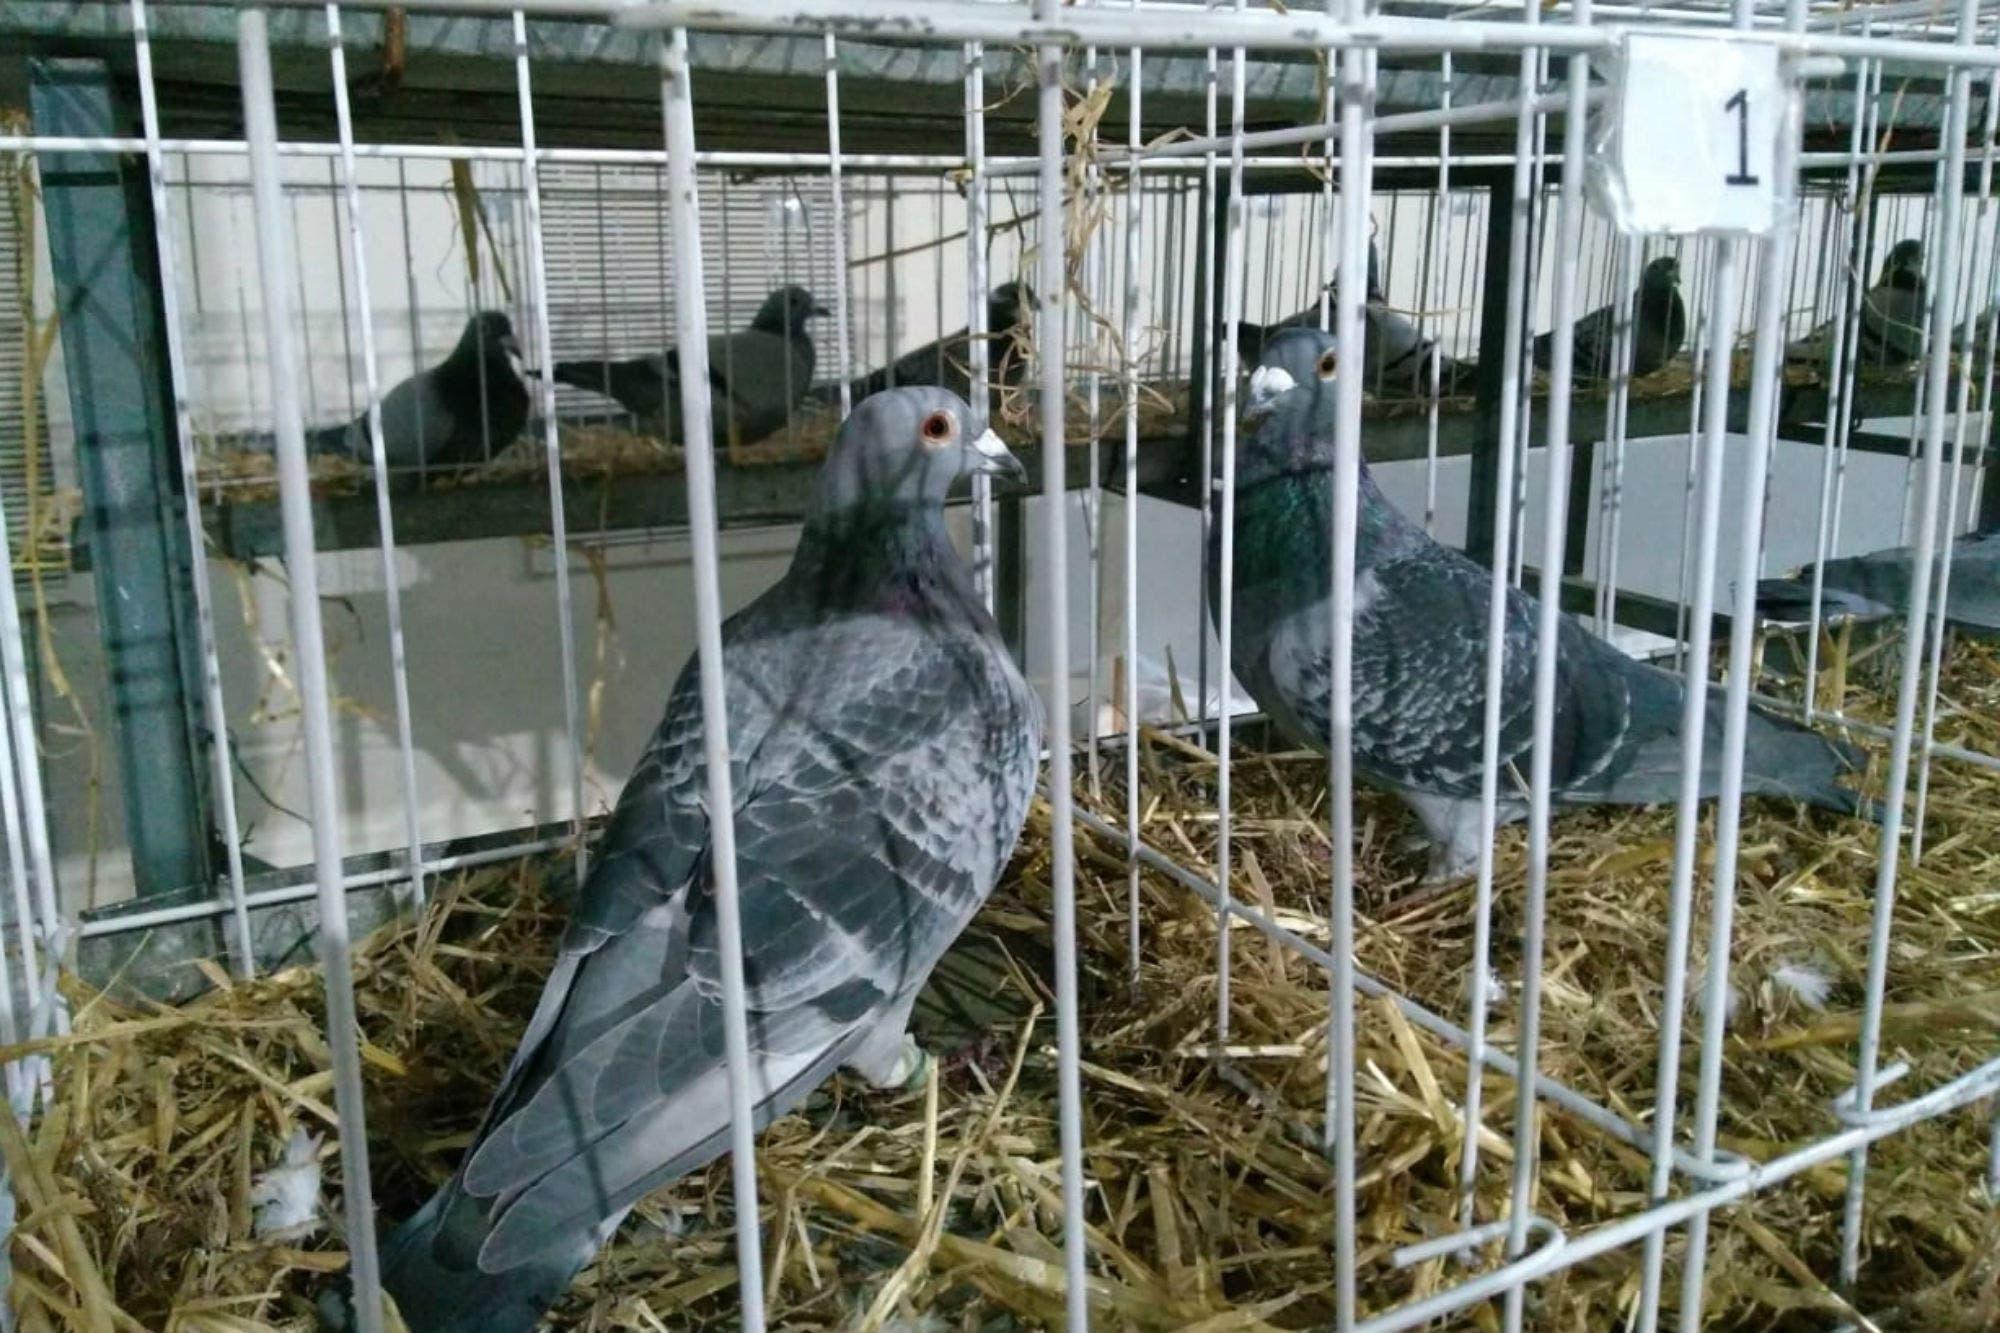 Exposición Rural. Tras 25 años, volvieron las palomas mensajeras a la muestra